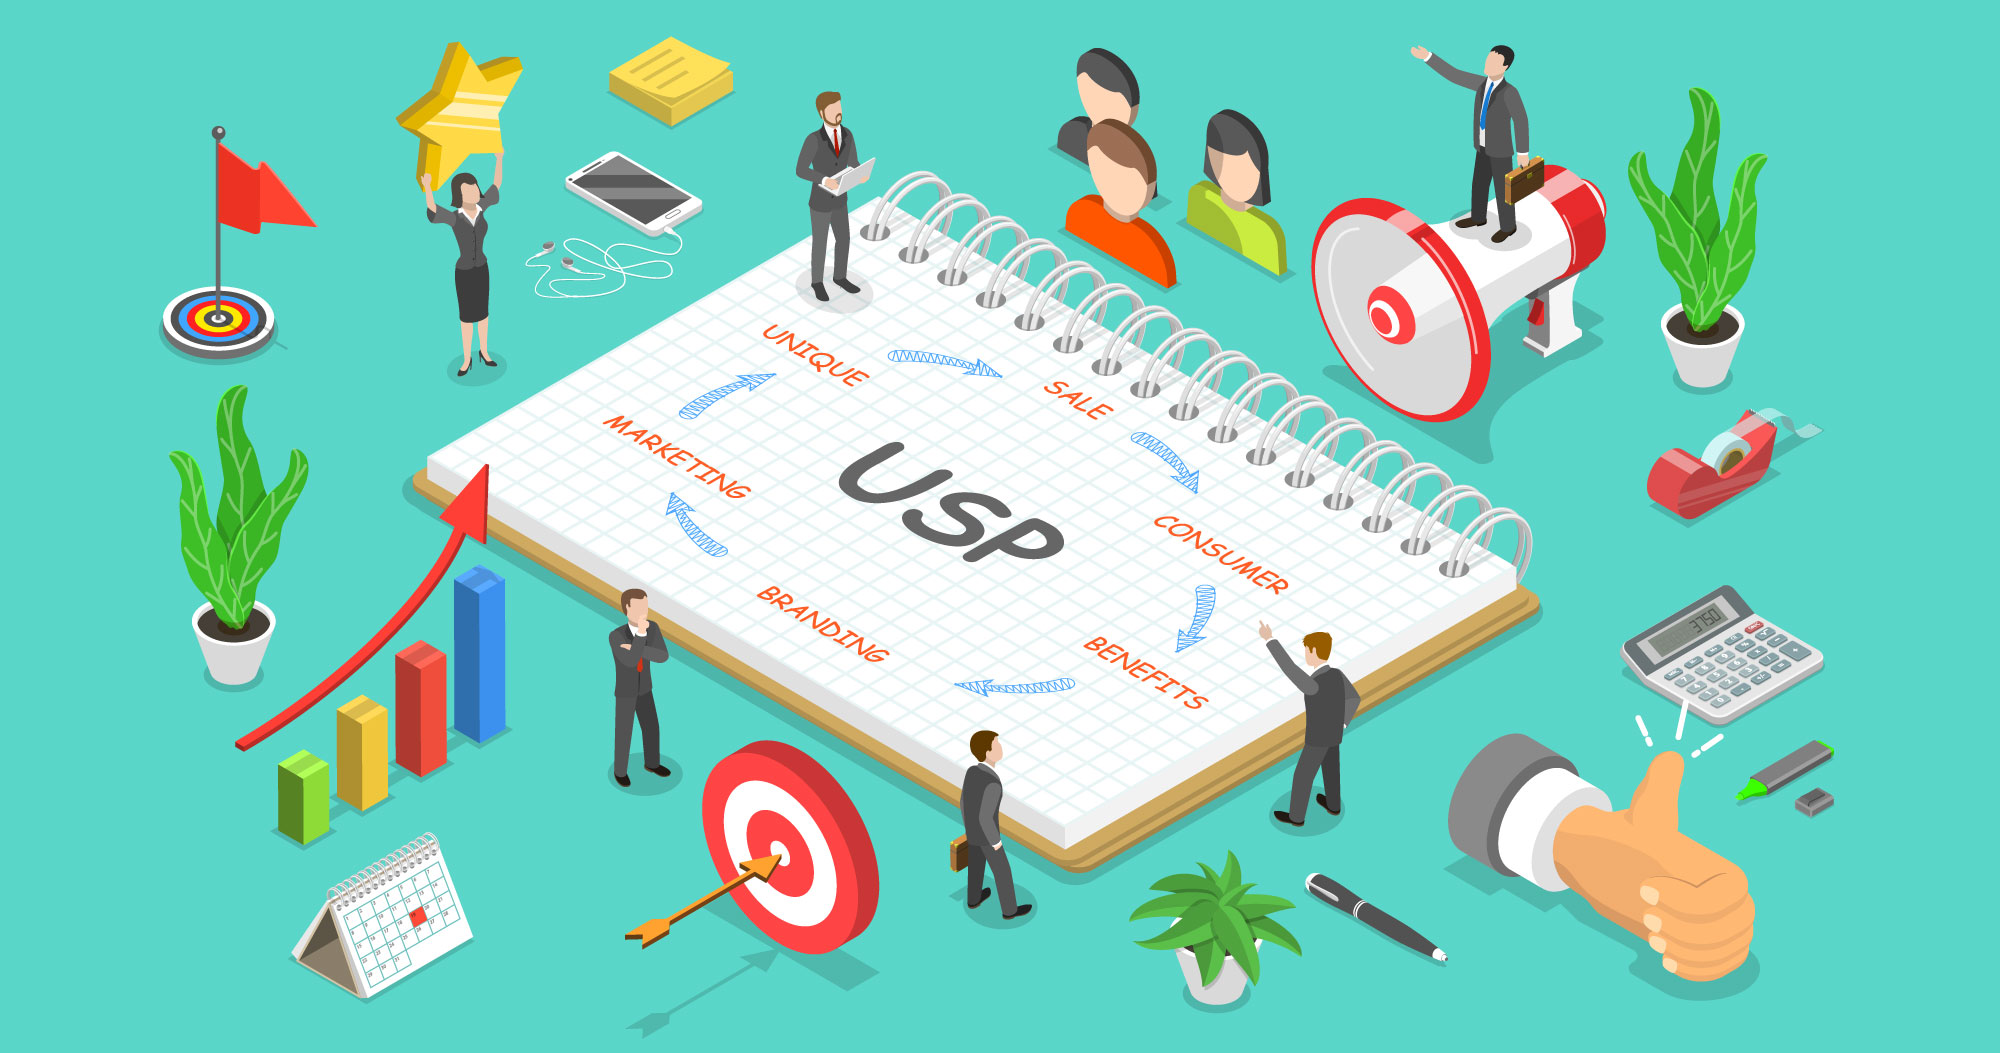 USPとは?マーケティングにおける重要性と整理のポイント